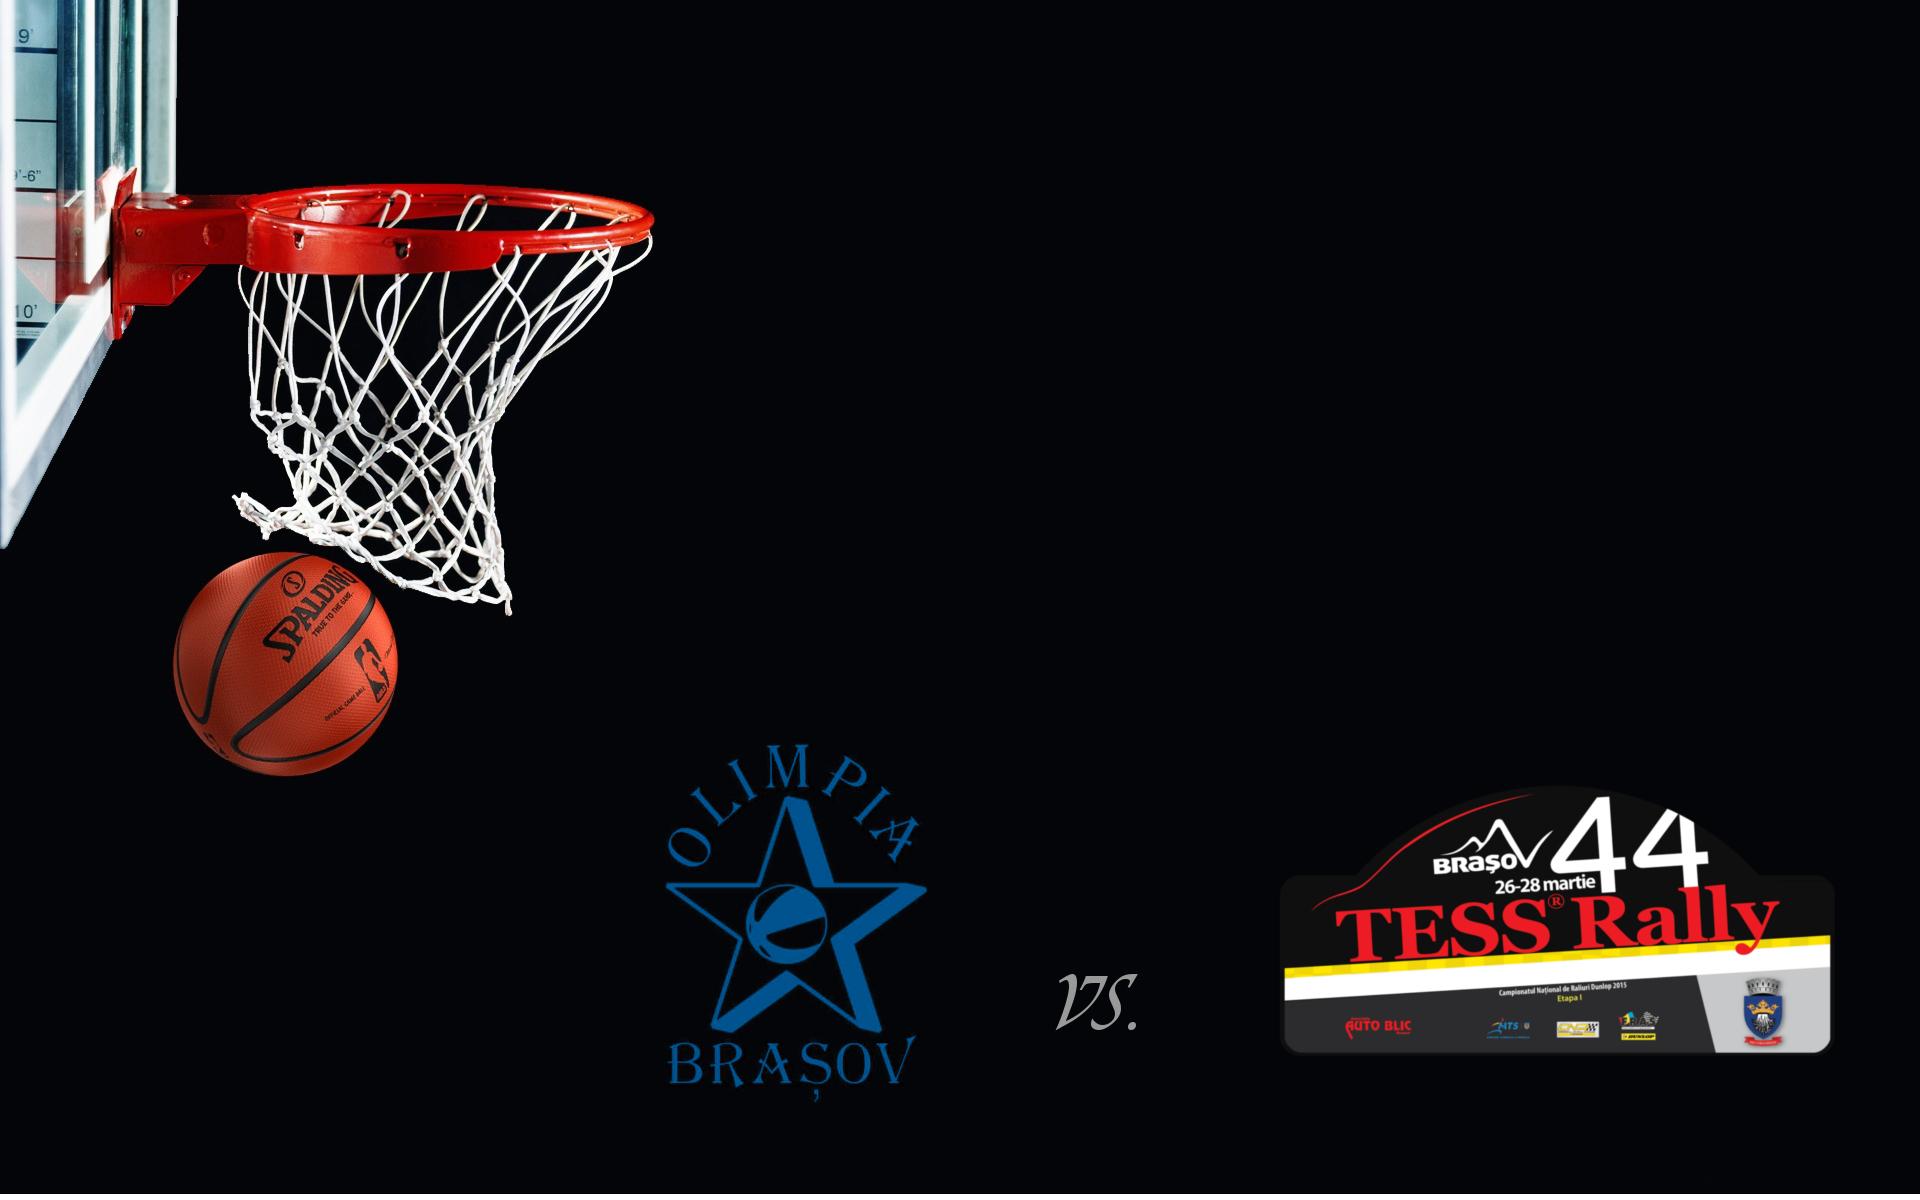 Meci de baschet eveniment: concurentii de la Tess Rally Vs. Olimpia CSU Brasov